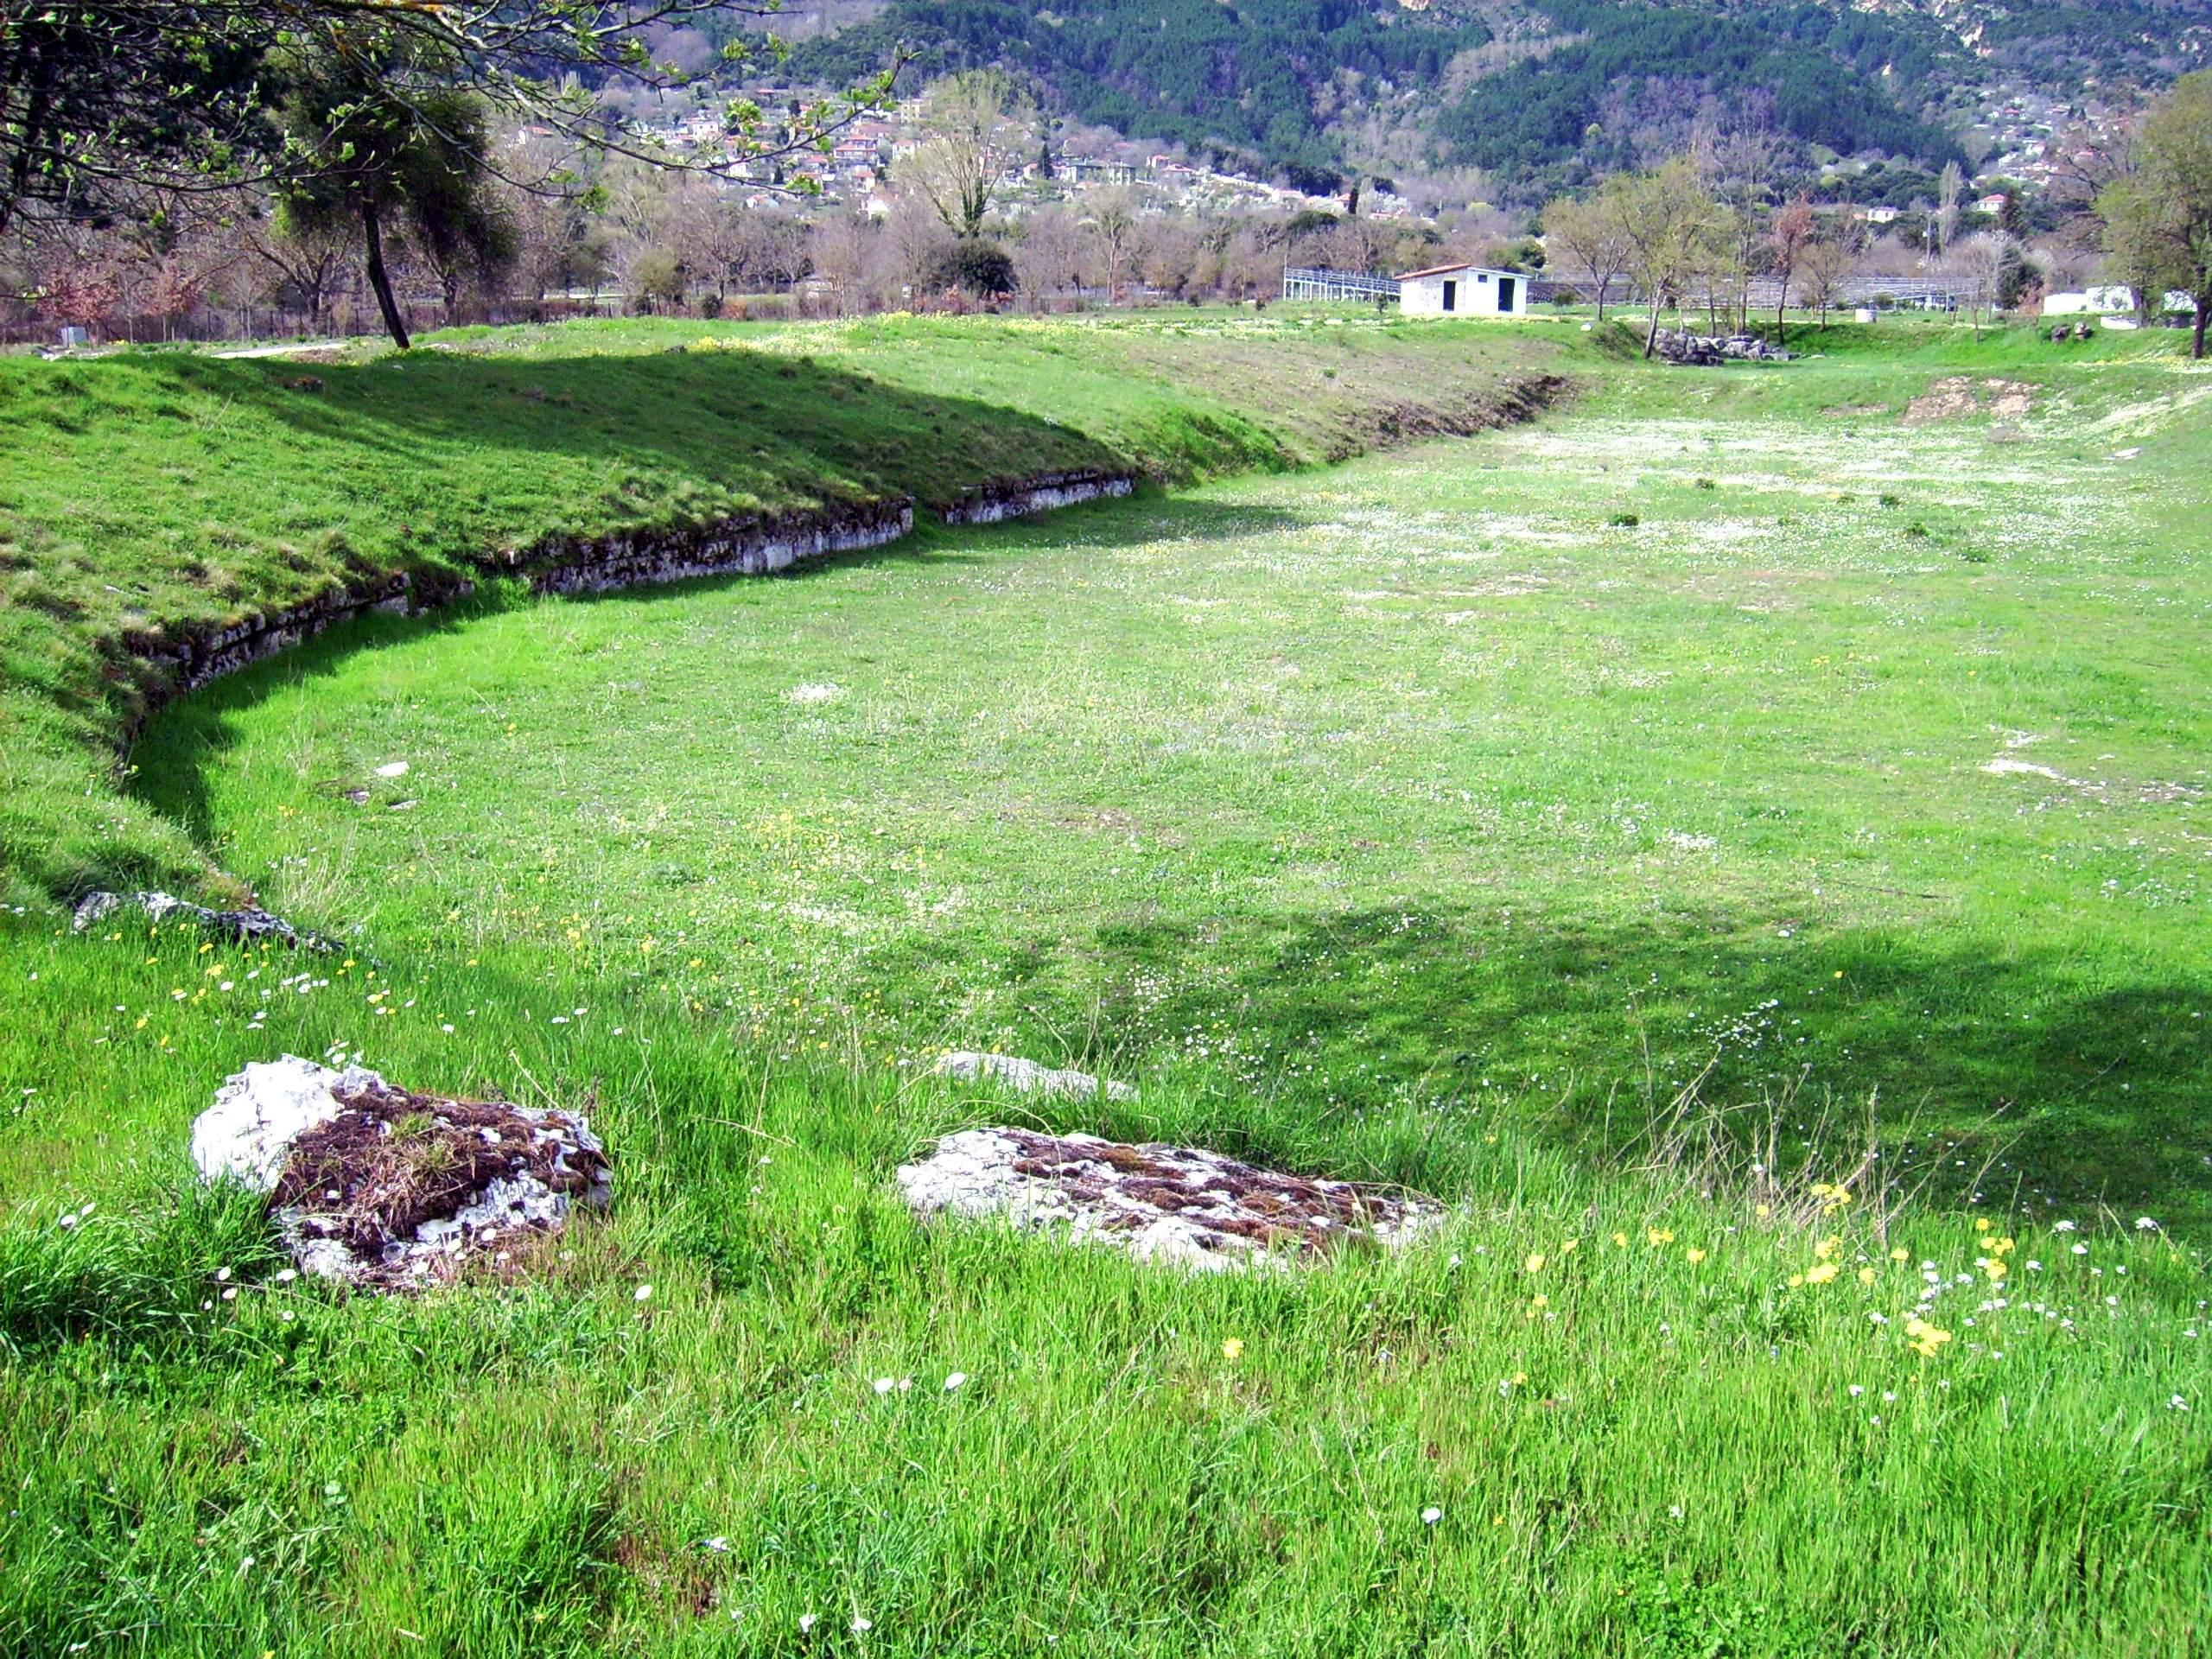 Dodona Greece April 2008 167 JPG